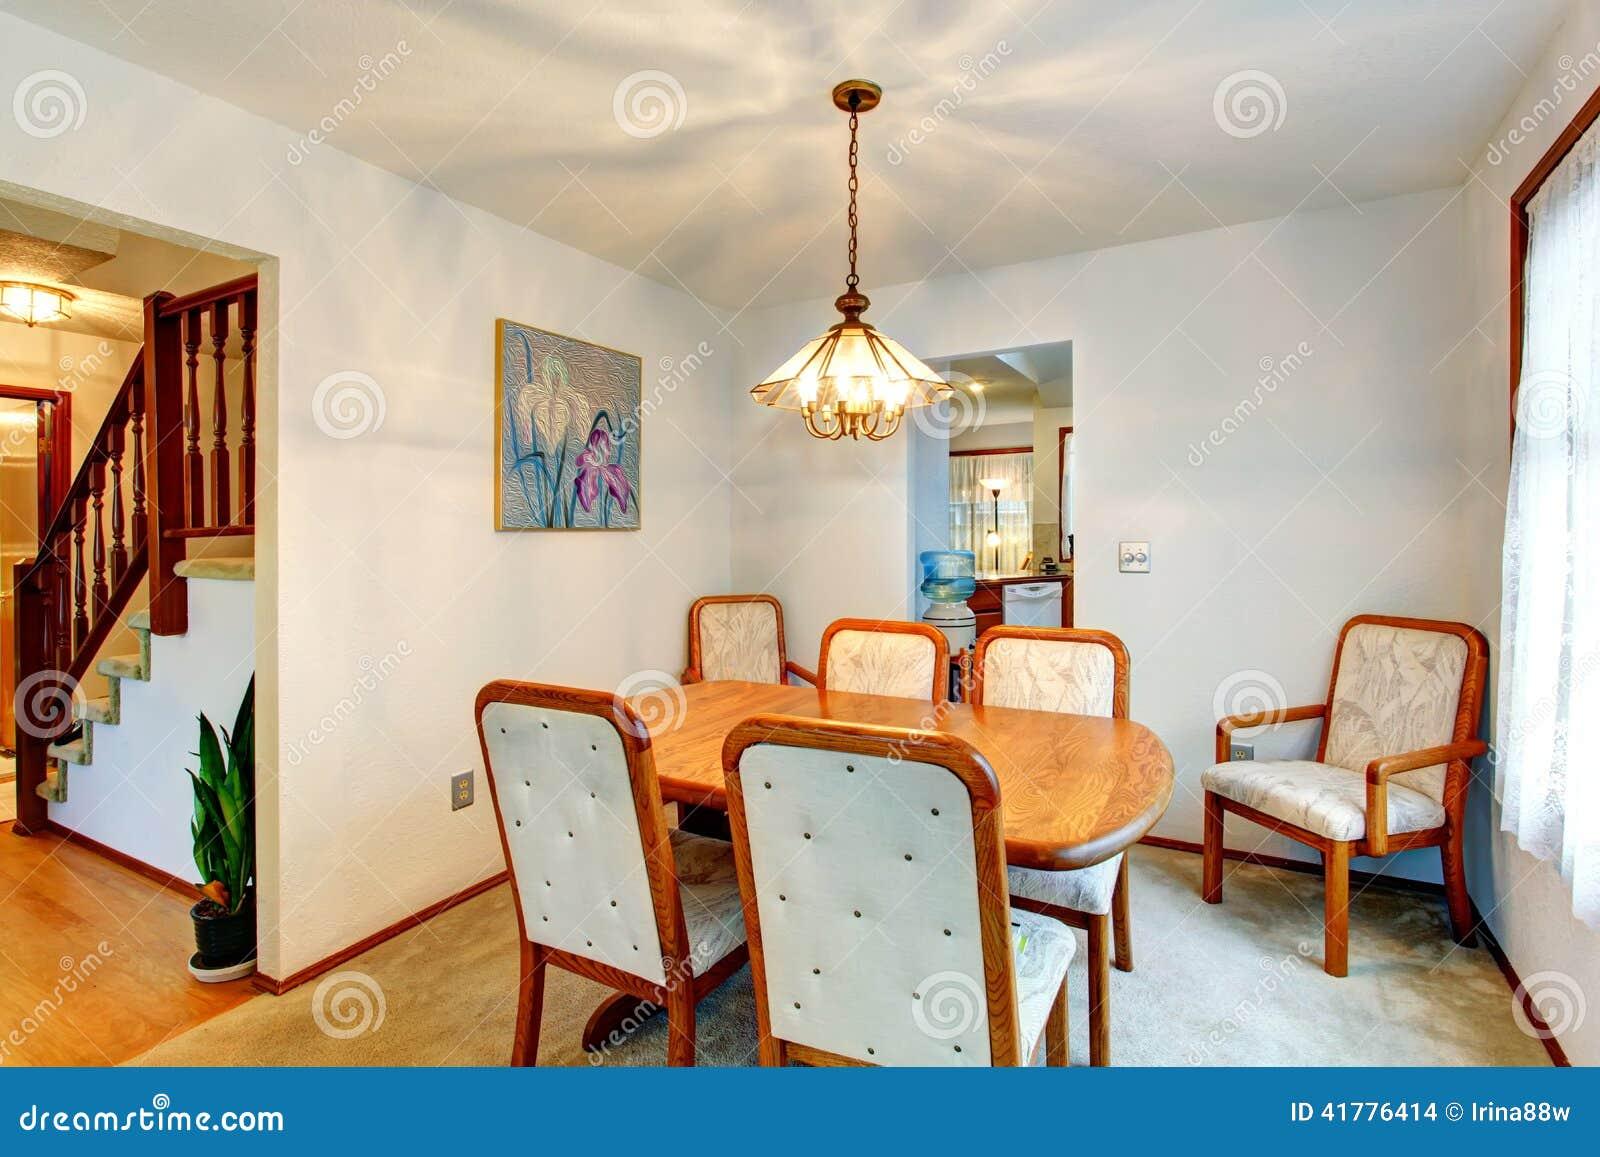 Piccola Sala Da Pranzo : Piccola sala da pranzo accogliente fotografia stock immagine di